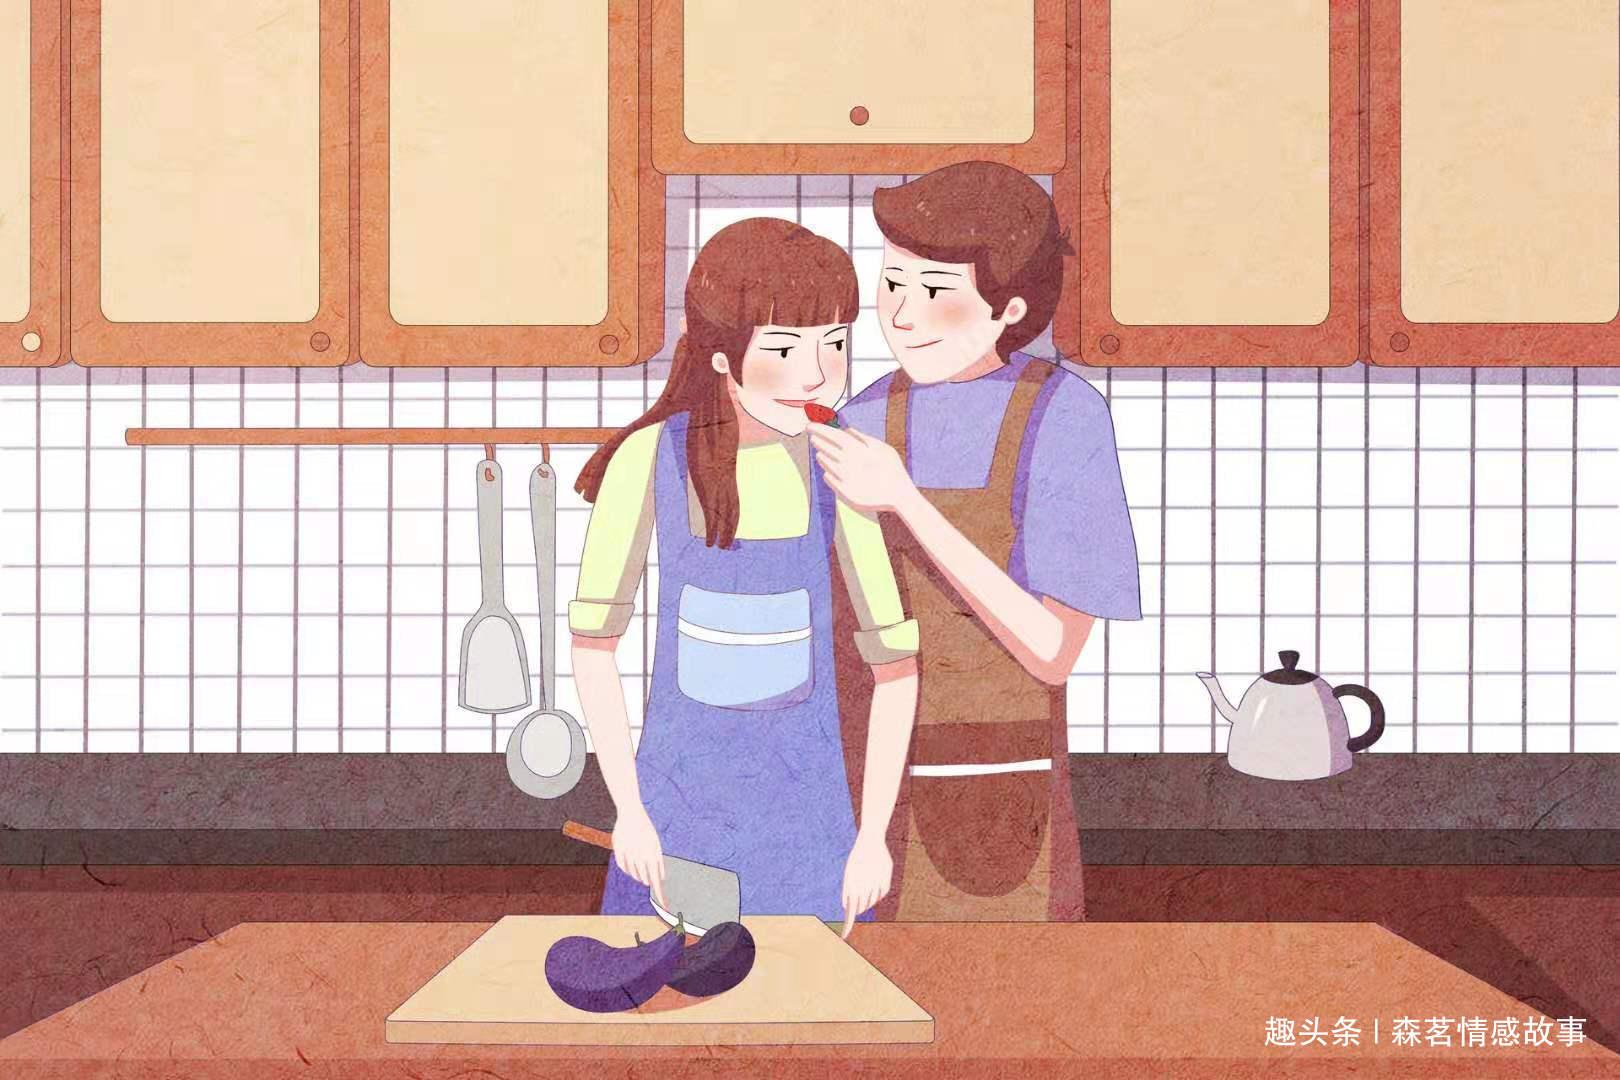 婚姻生活中,给男人留足了私人空间,他不会感激你,还会埋怨你